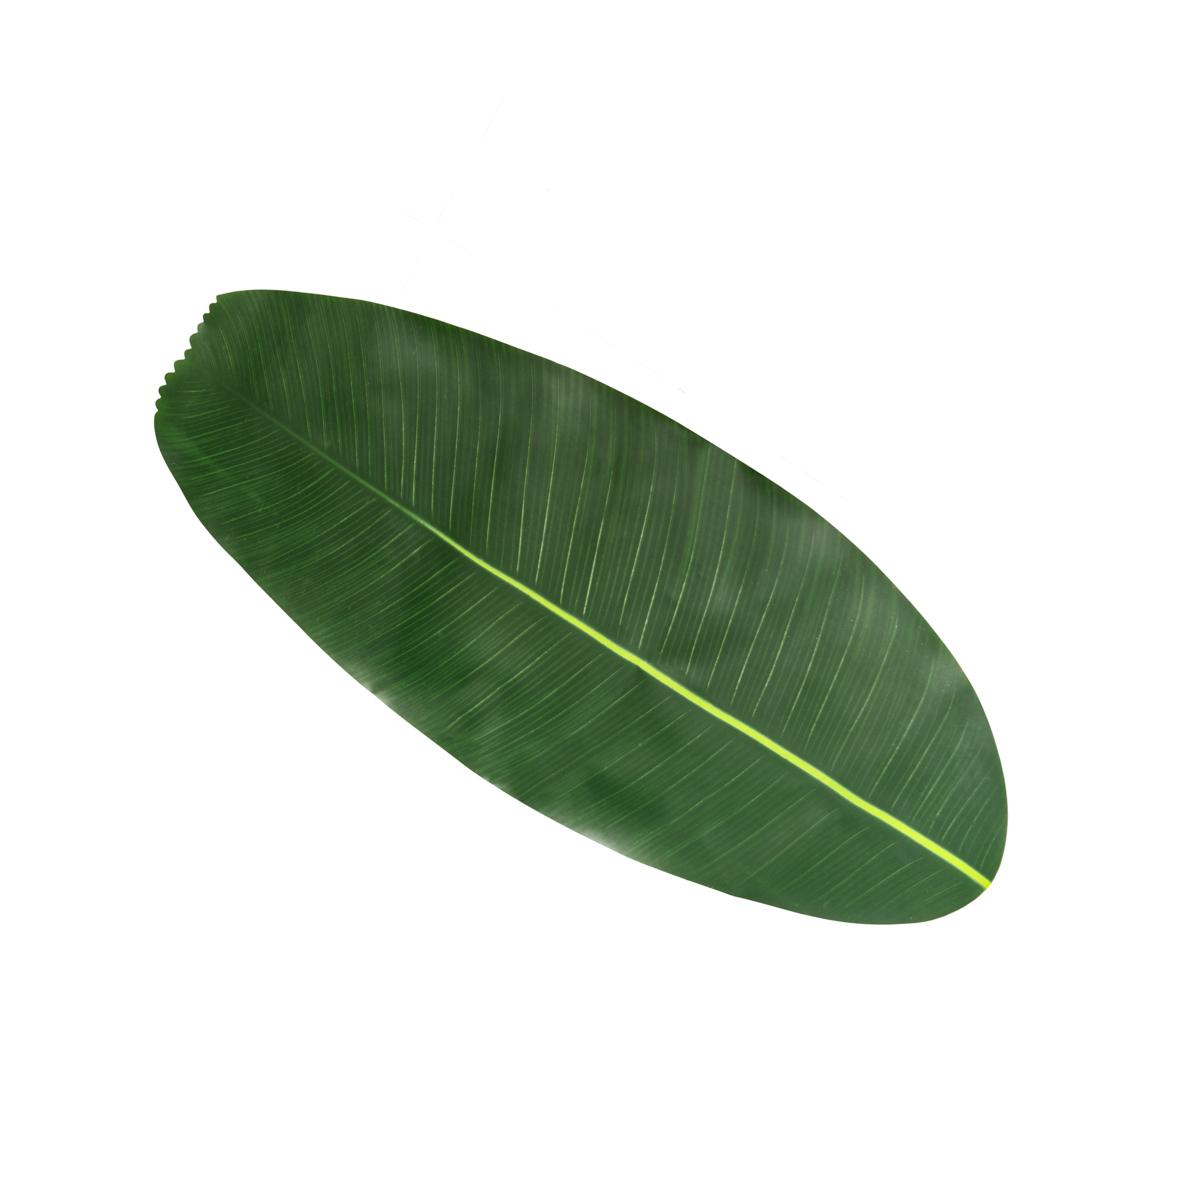 Trilho de Plástico Folha de Bananeira 106x46cm